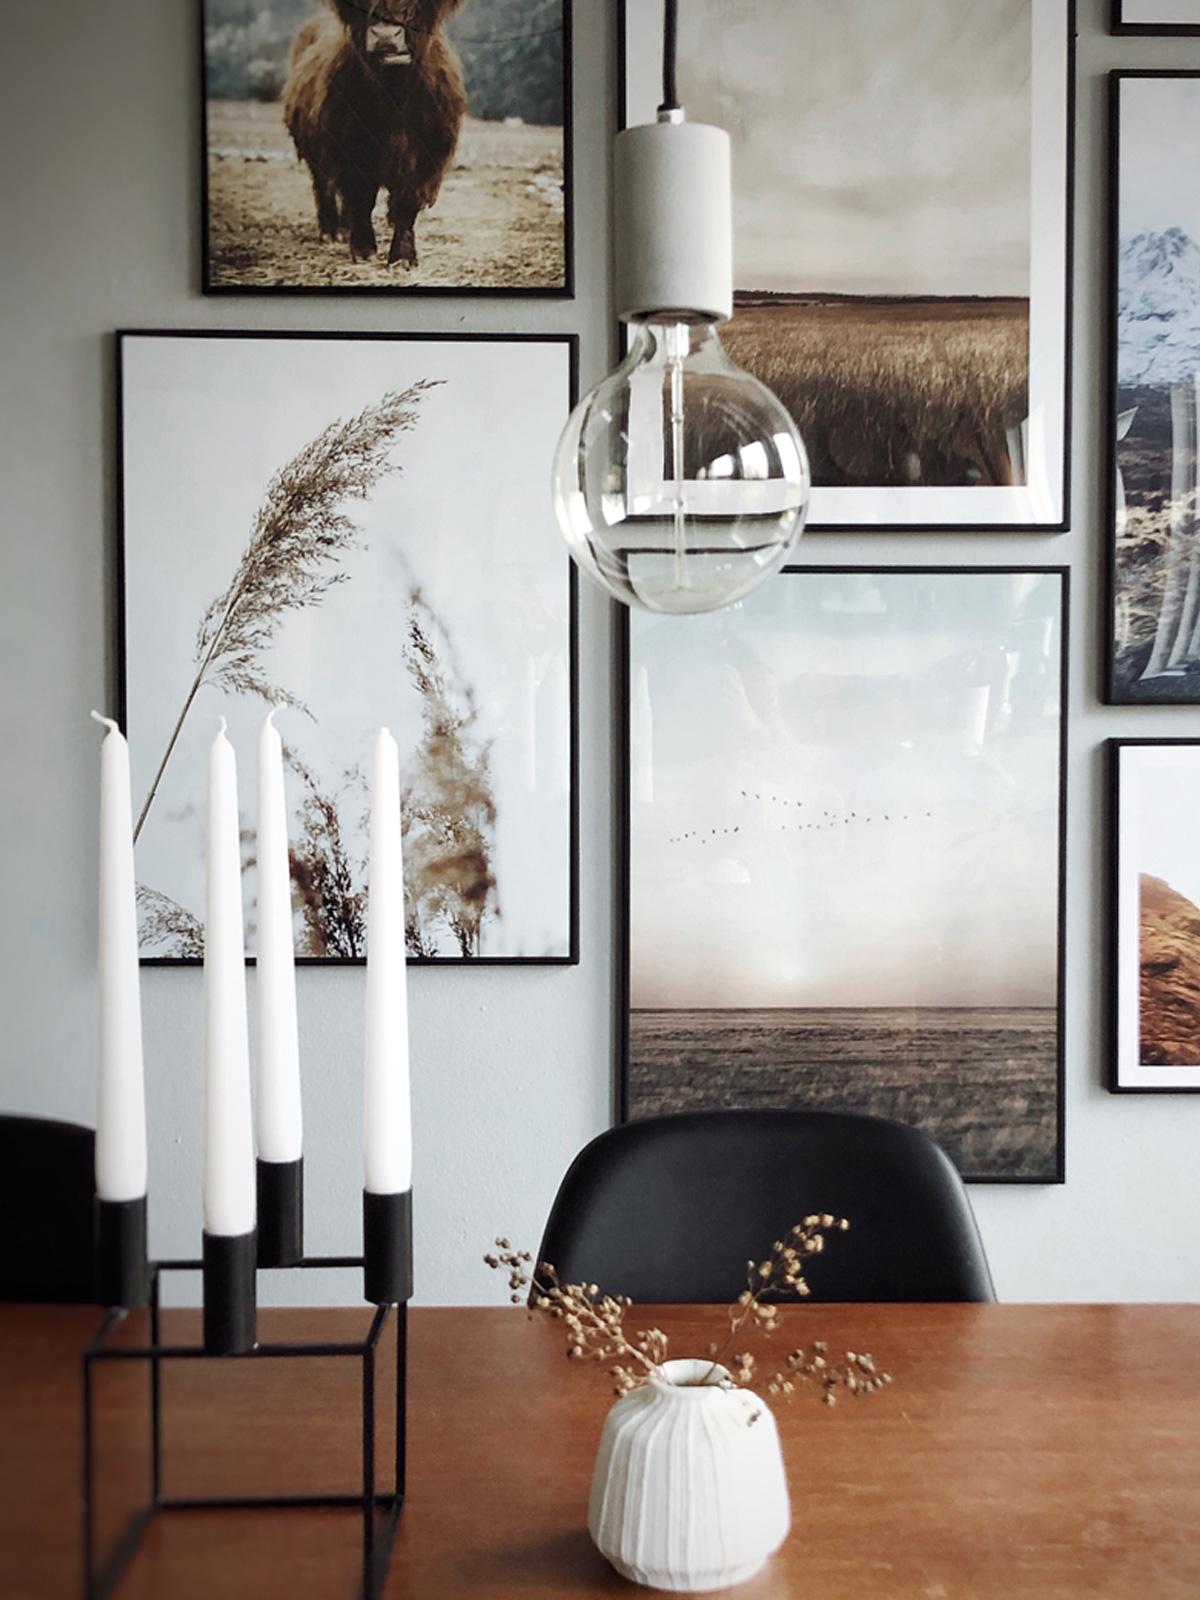 Bristol Beton Lampenhalter Frandsen DesignOrt Onlineshop Berlin